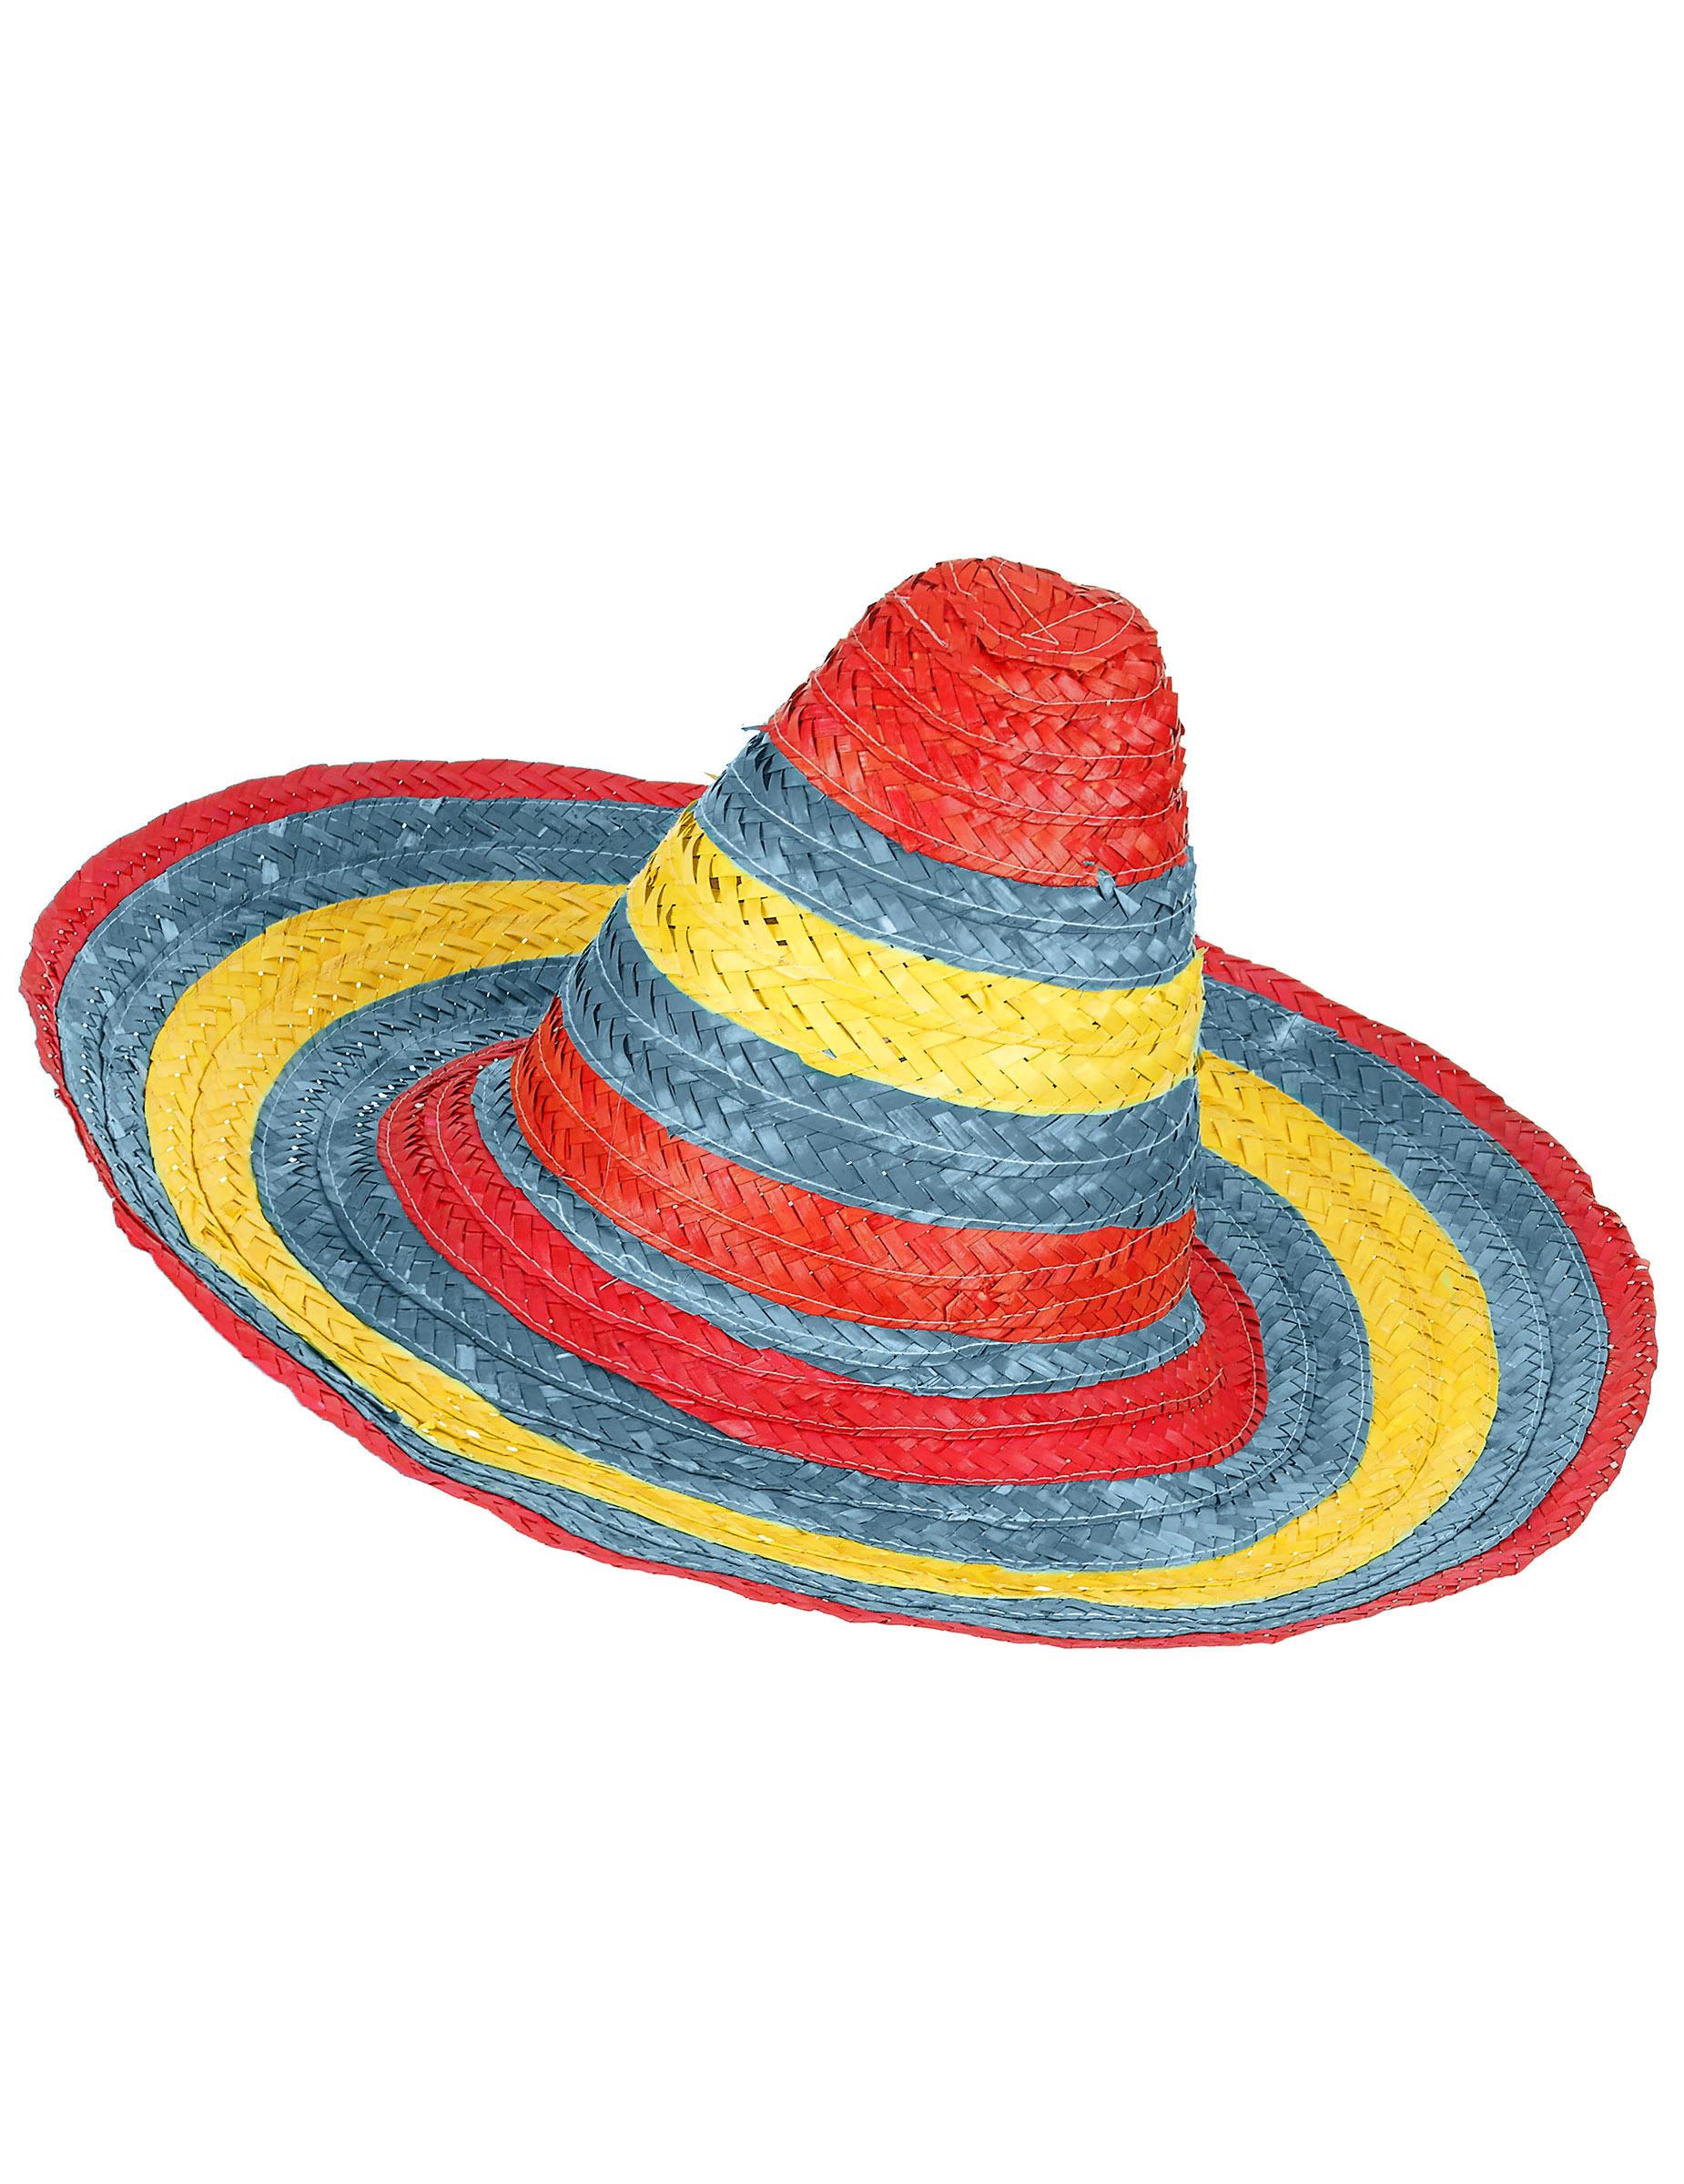 compra genuina super popular ventas al por mayor Sombreros de paja para disfraces adultos y niños - Vegaoo.es